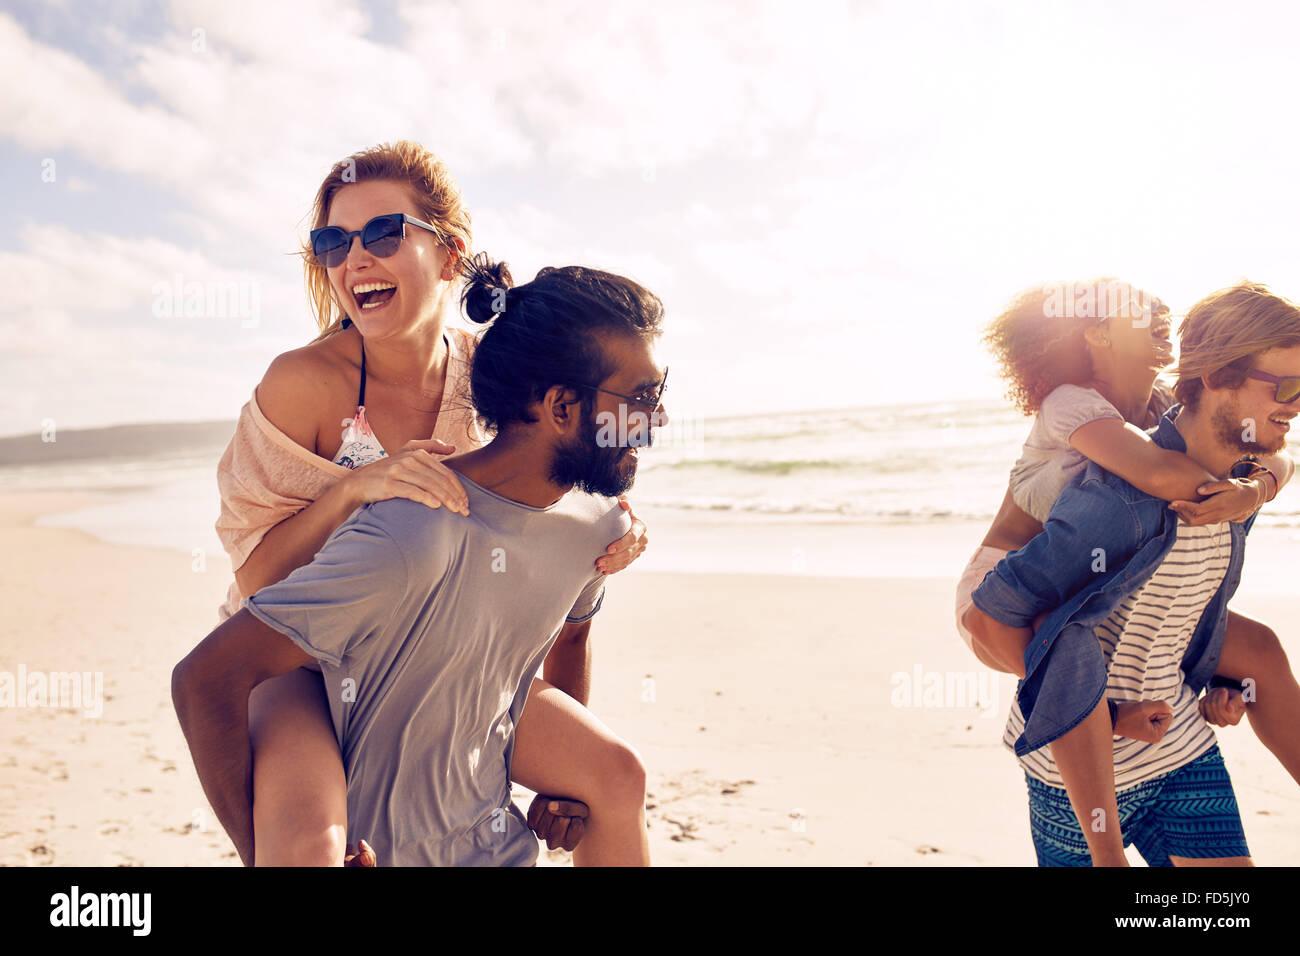 Glückliche junge Männer geben Huckepack Fahrt für Frauen am Strand. Heterogene Gruppe von jungen Stockbild